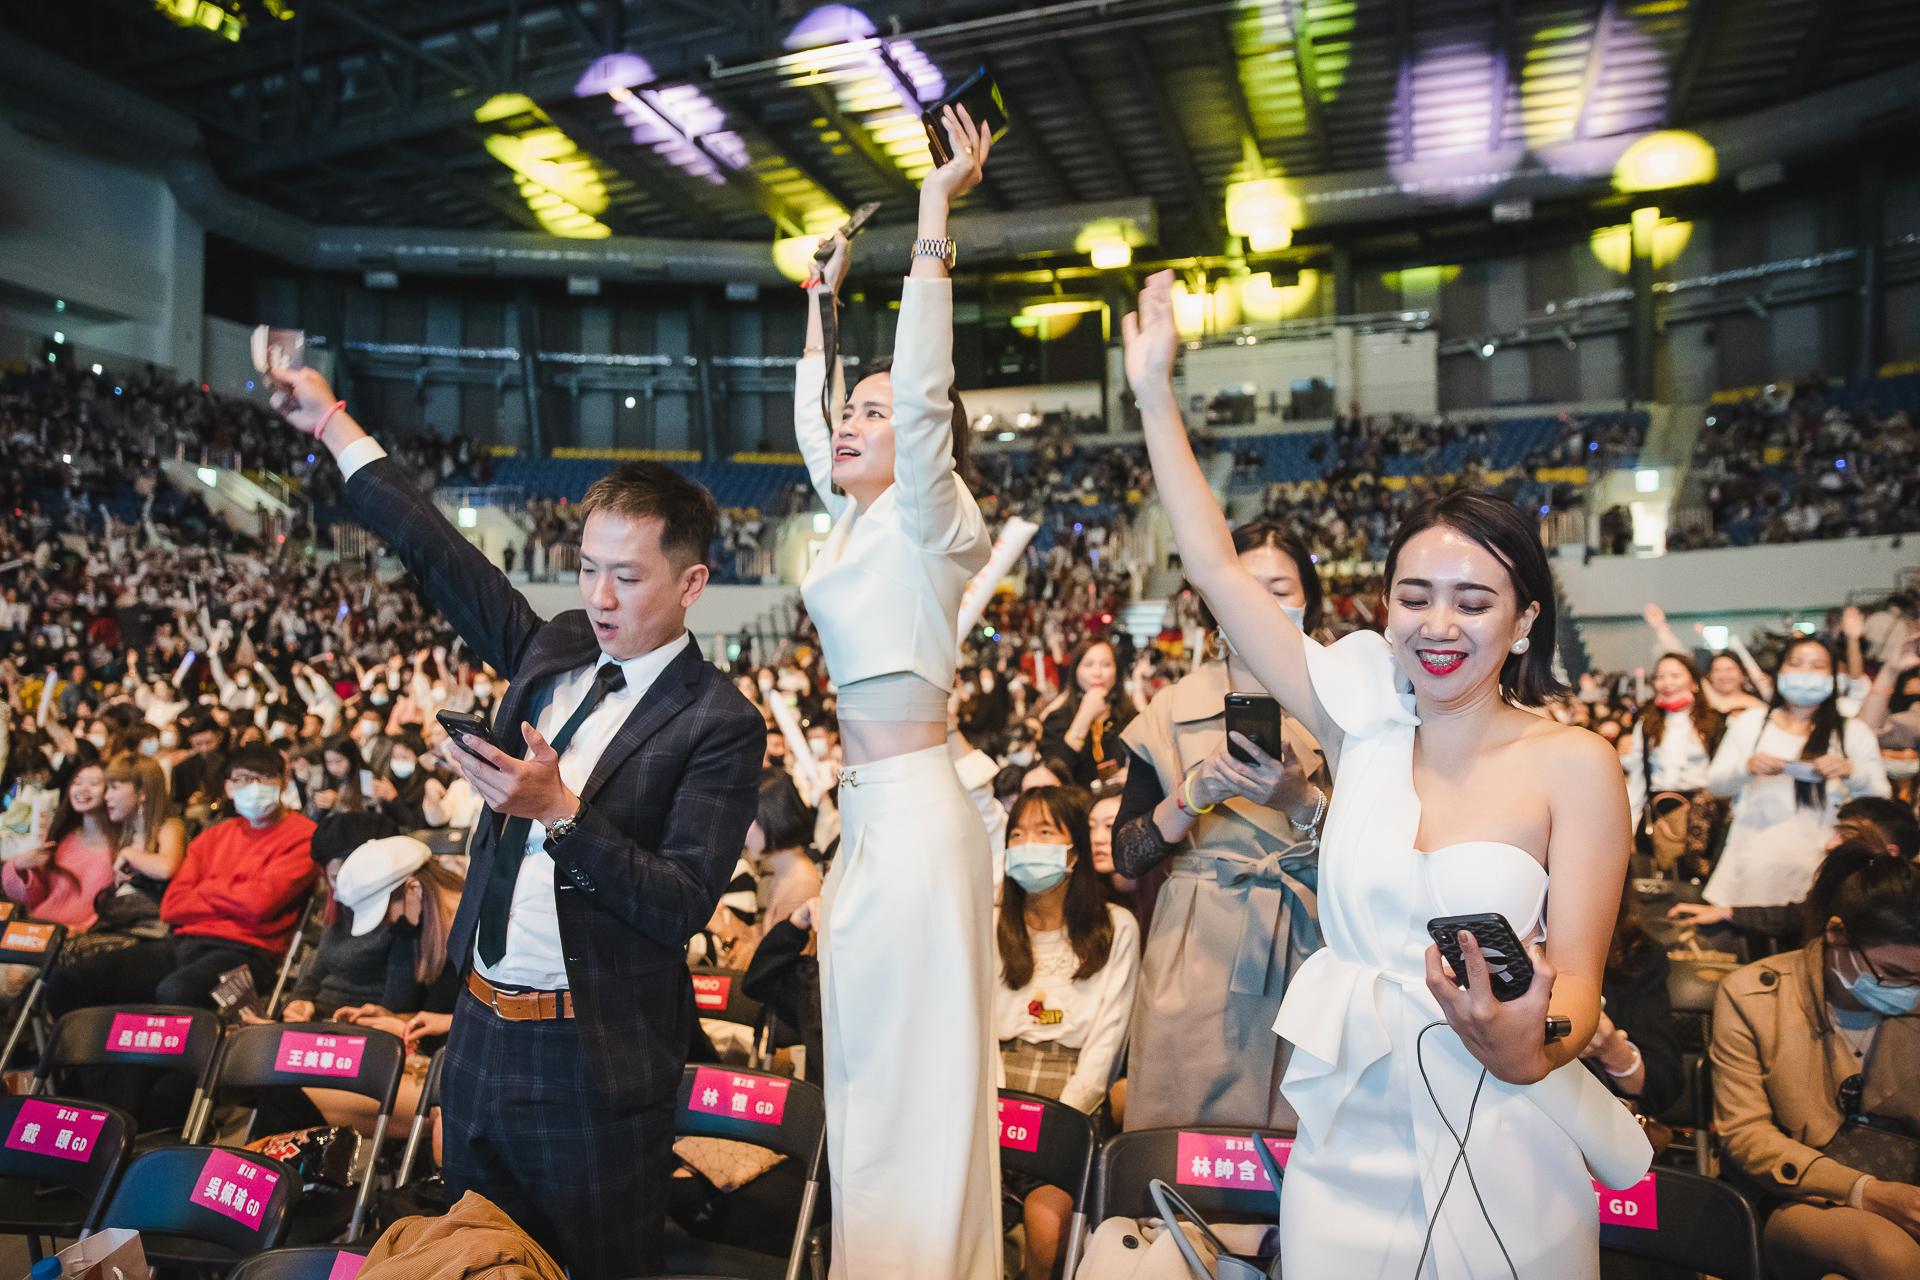 [活動攝影]全美世界14週年慶暨表揚大會-婚動拍攝